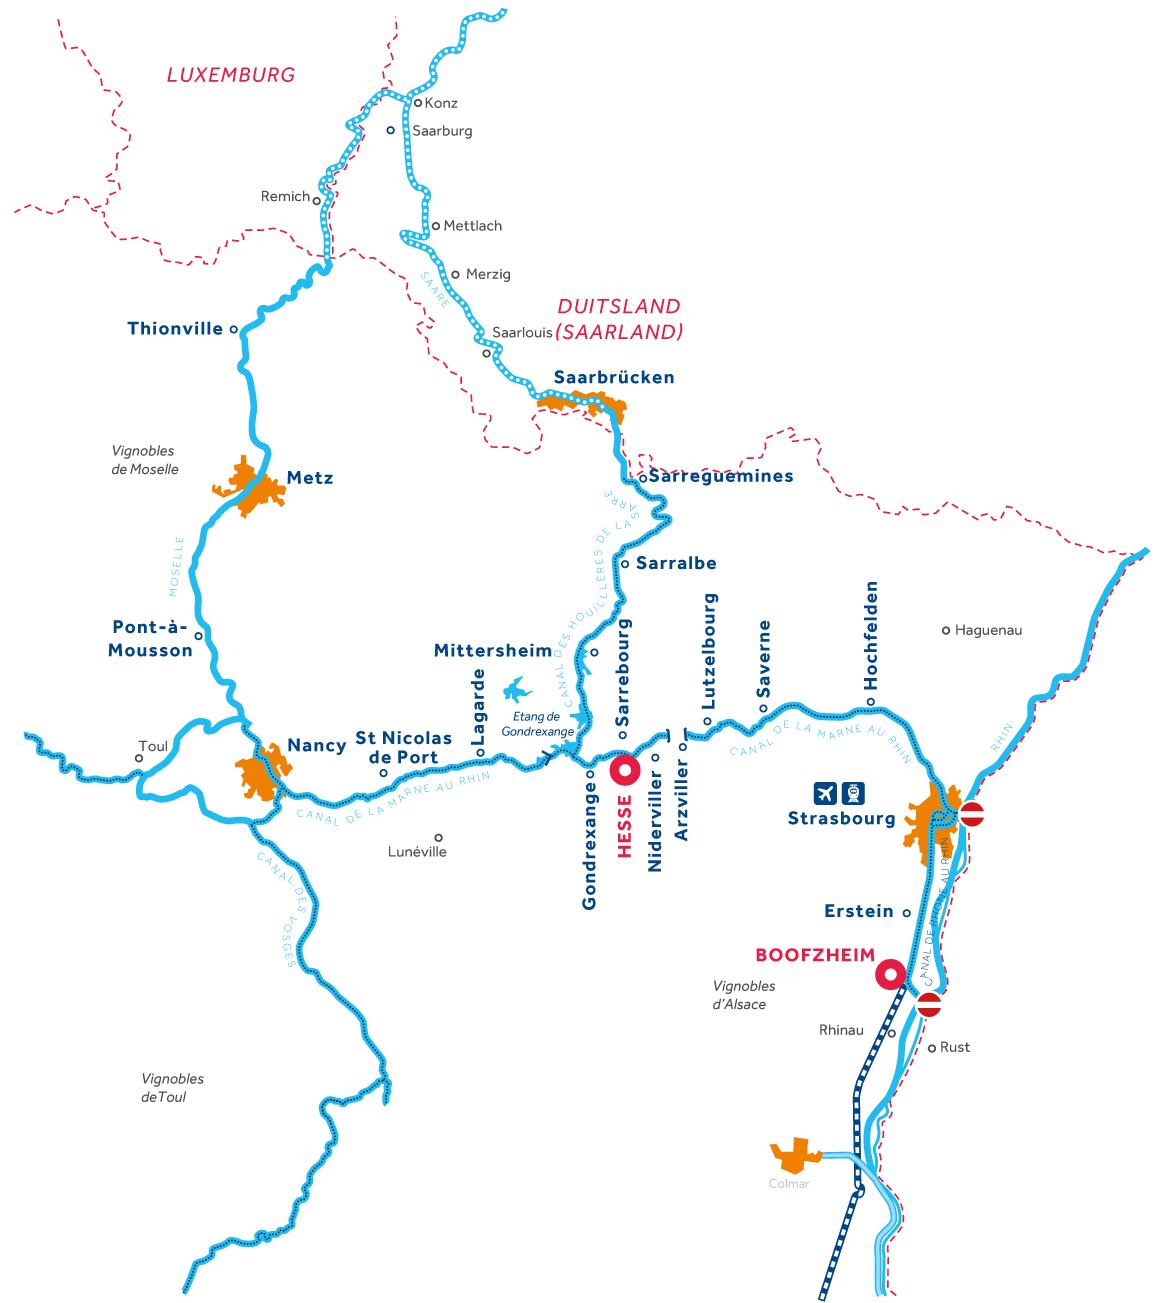 Kaart van de vaarregio: Elzas-Lotharingen